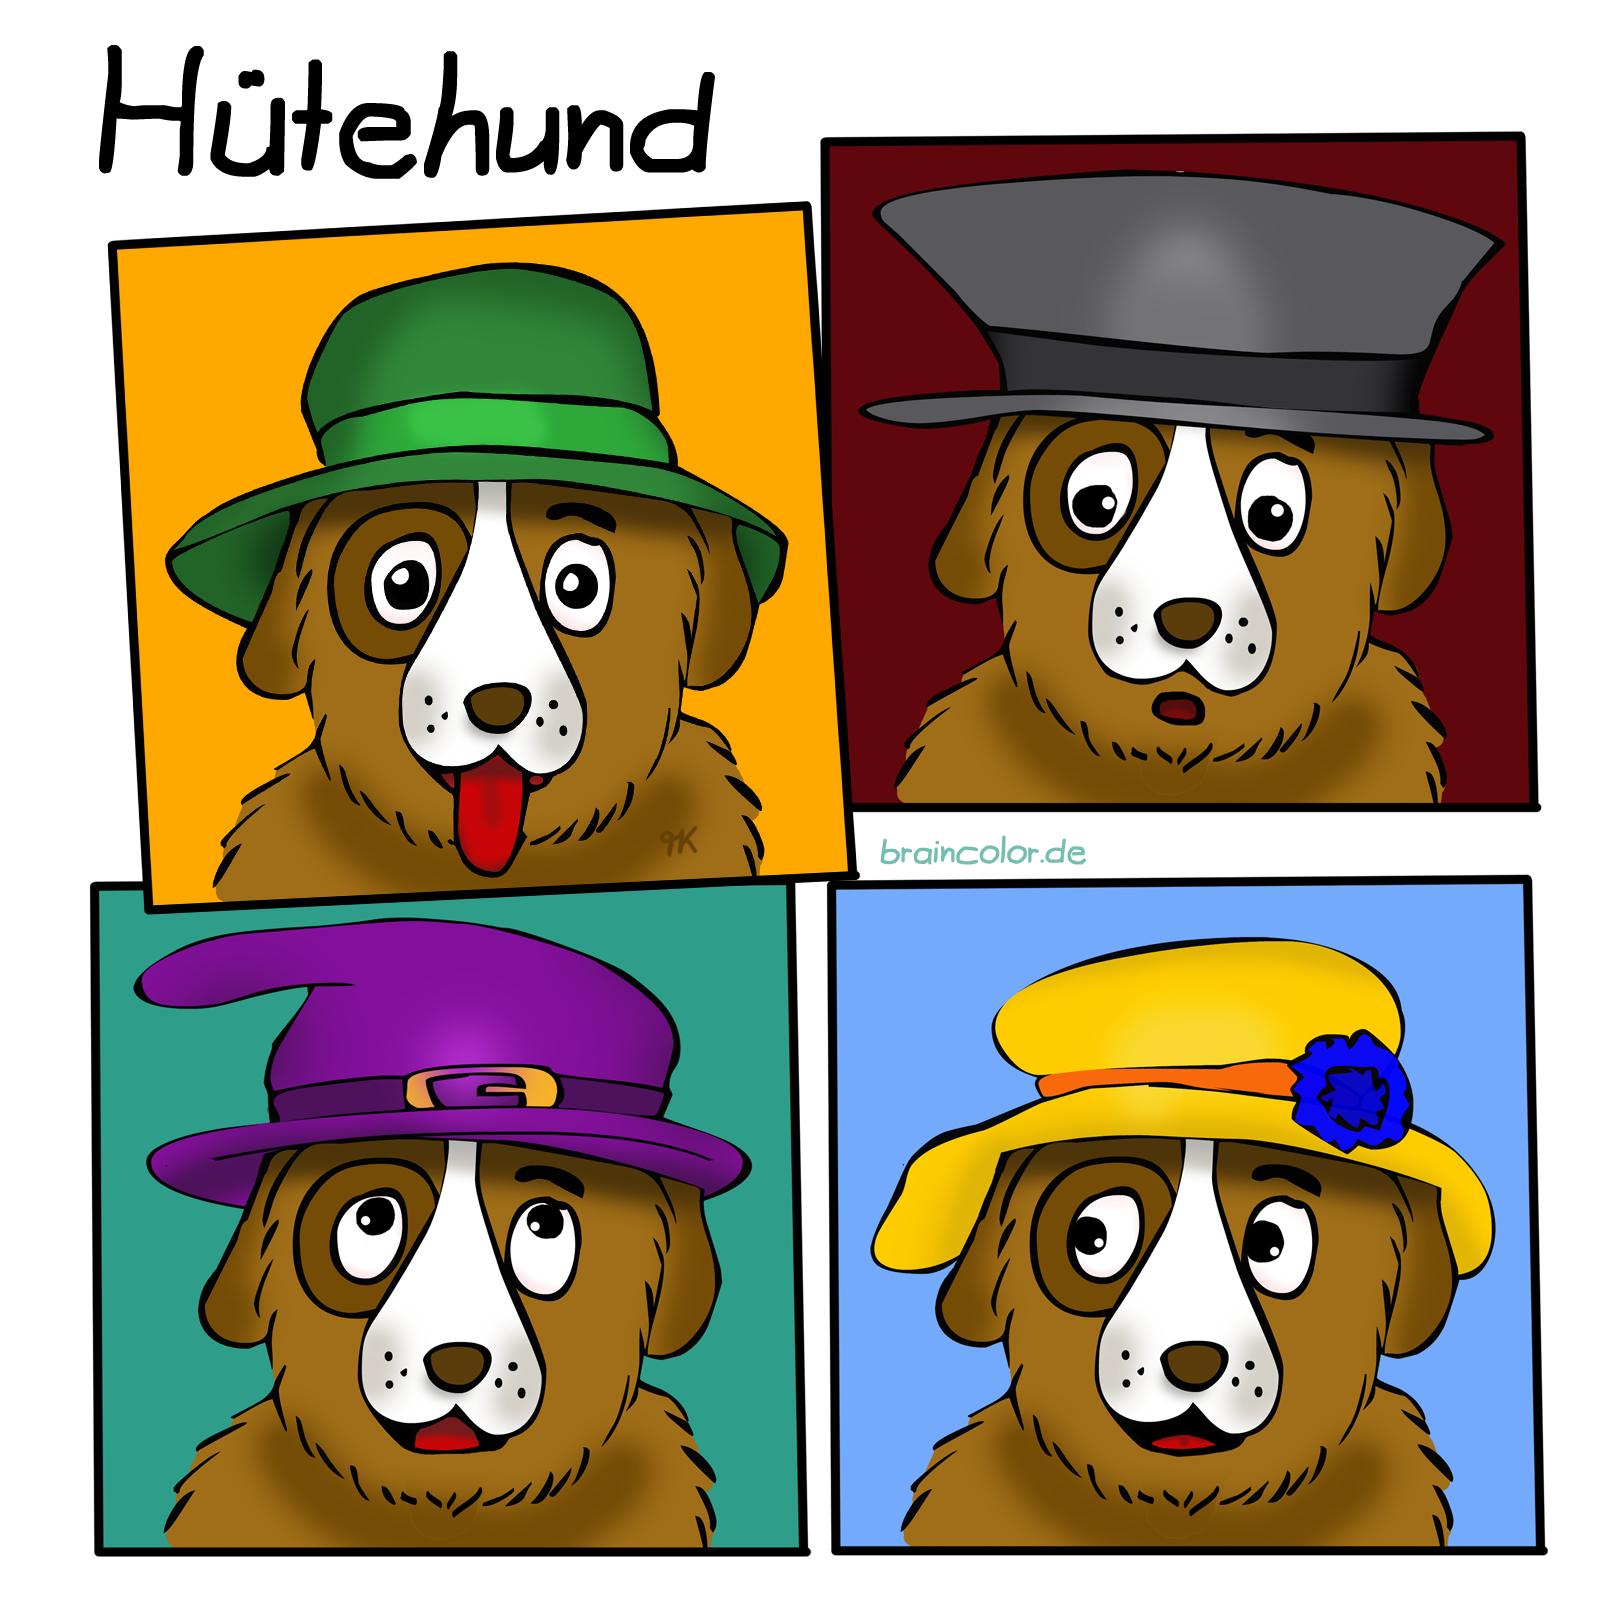 Hütehund